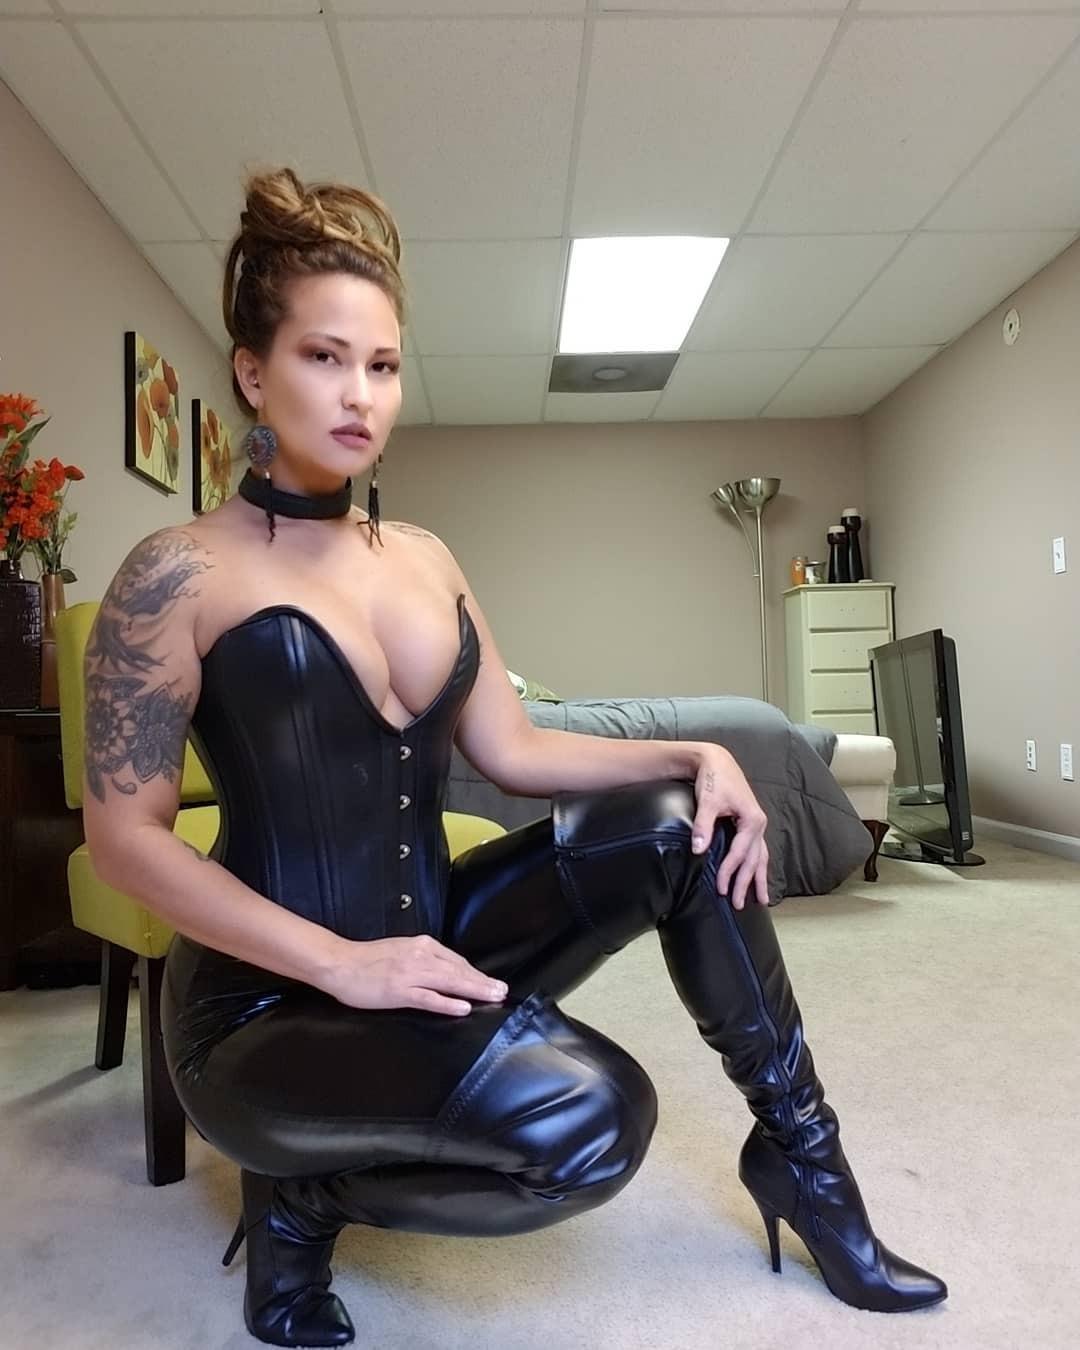 327850480_corset_pbn0295tui1x6koyjo1_1280_123_470lo.jpg